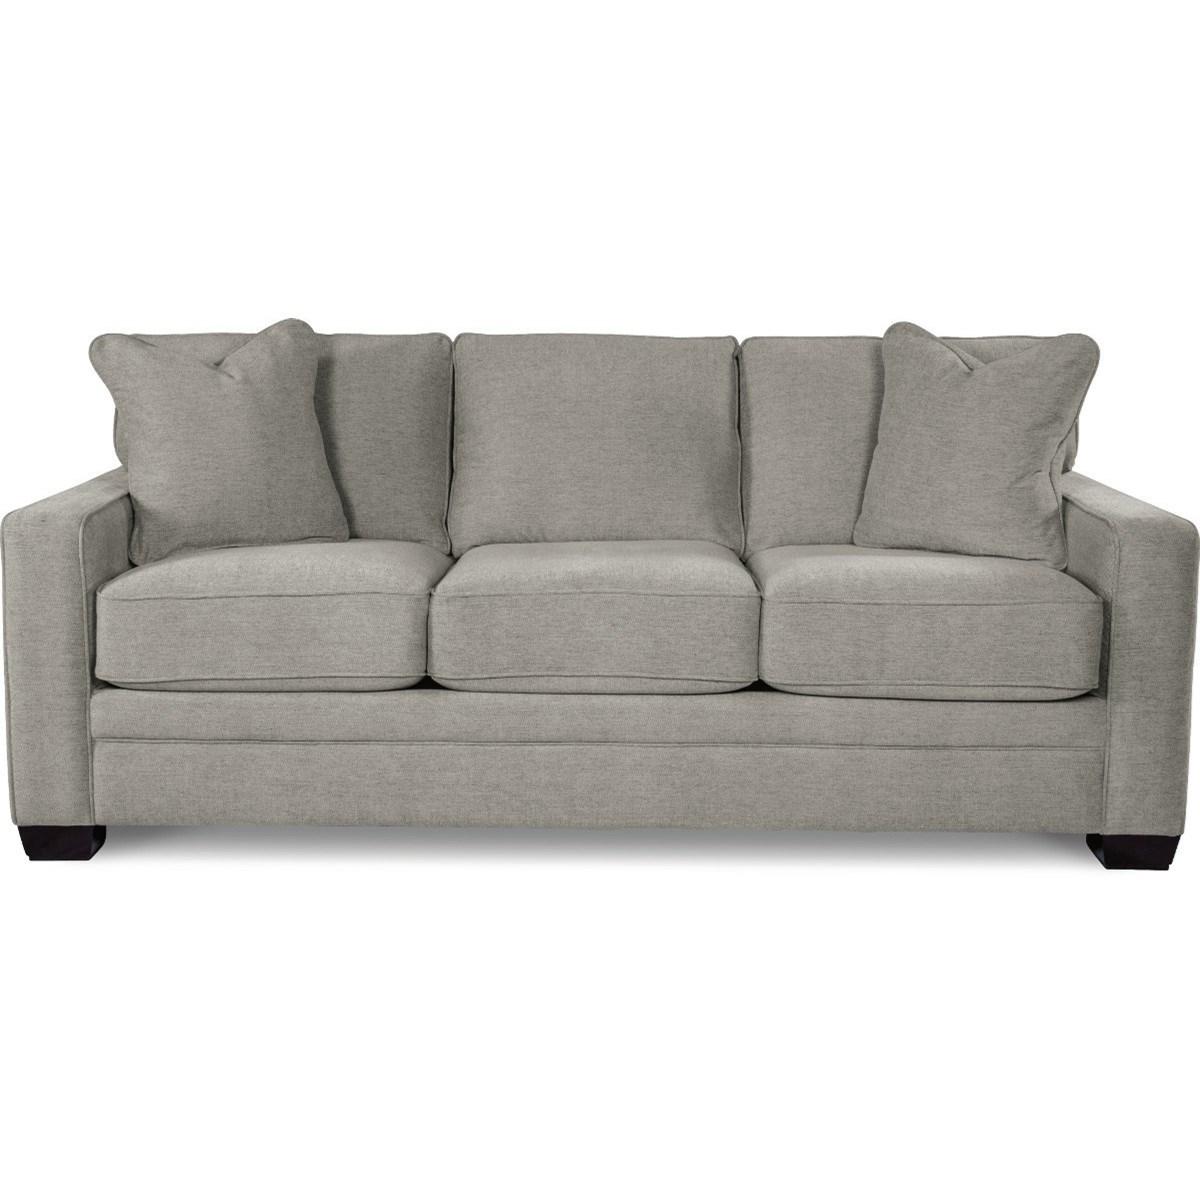 La-Z-Boy MeyerLa-Z-Boy Premier Sofa ...